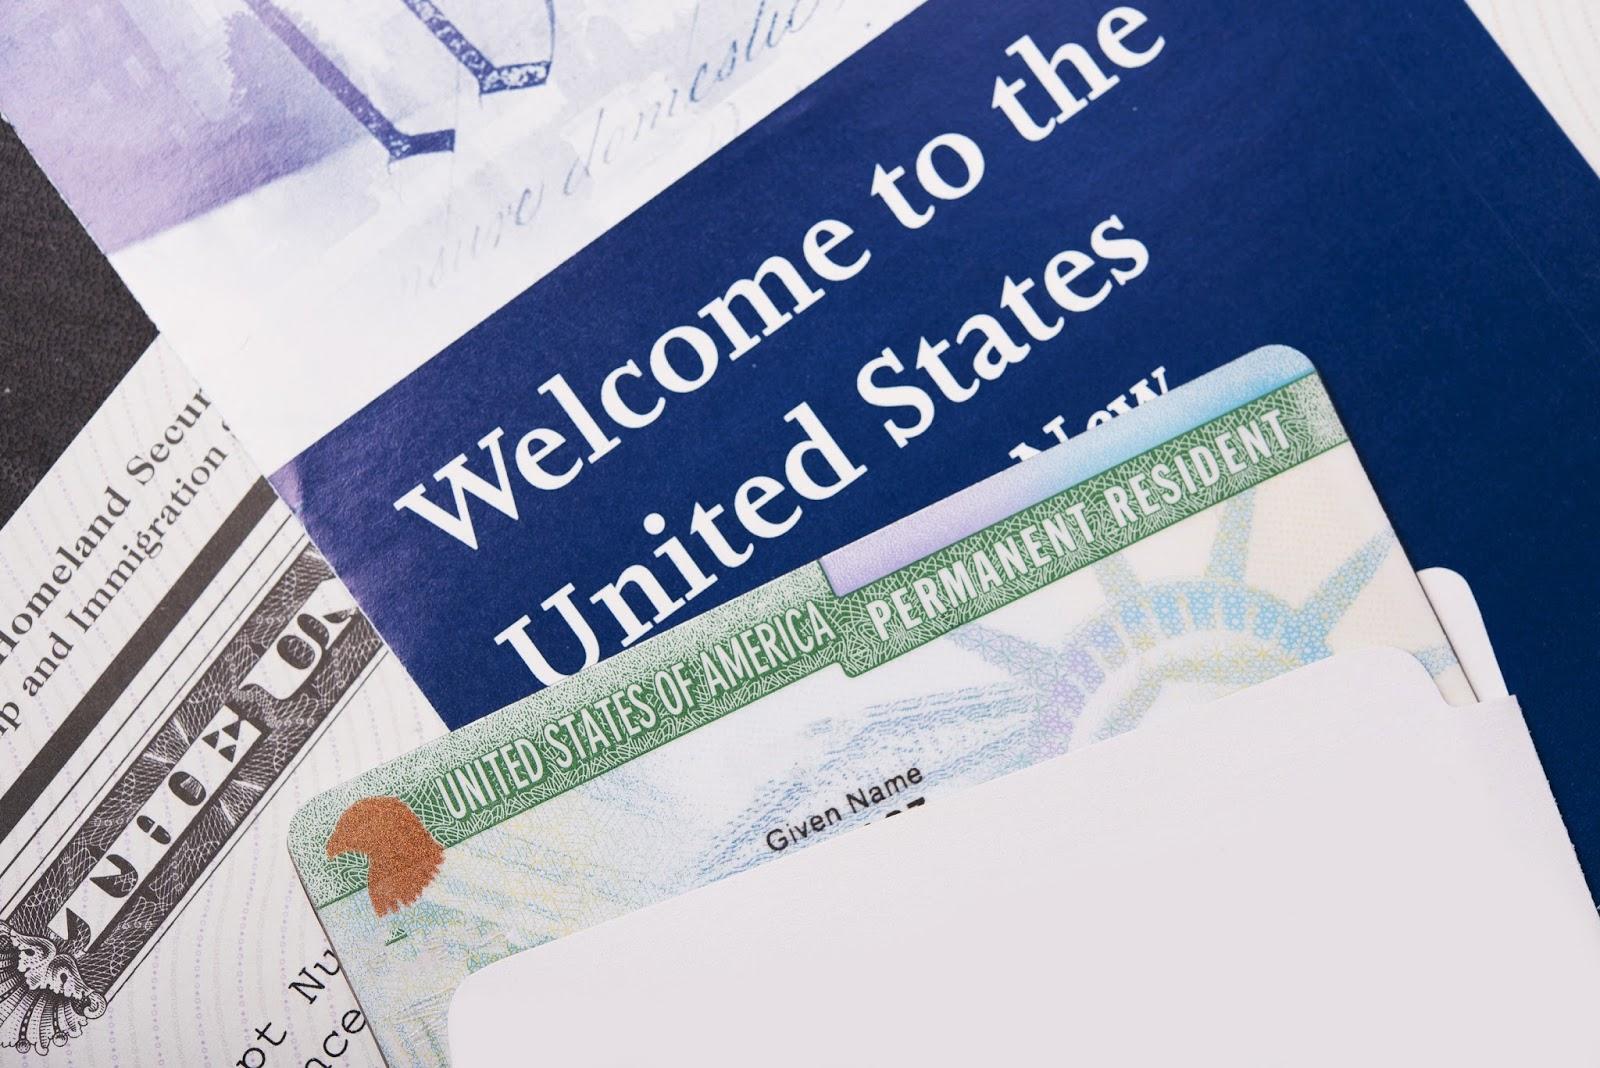 Chương trình định cư Mỹ theo diện lao động EB-3